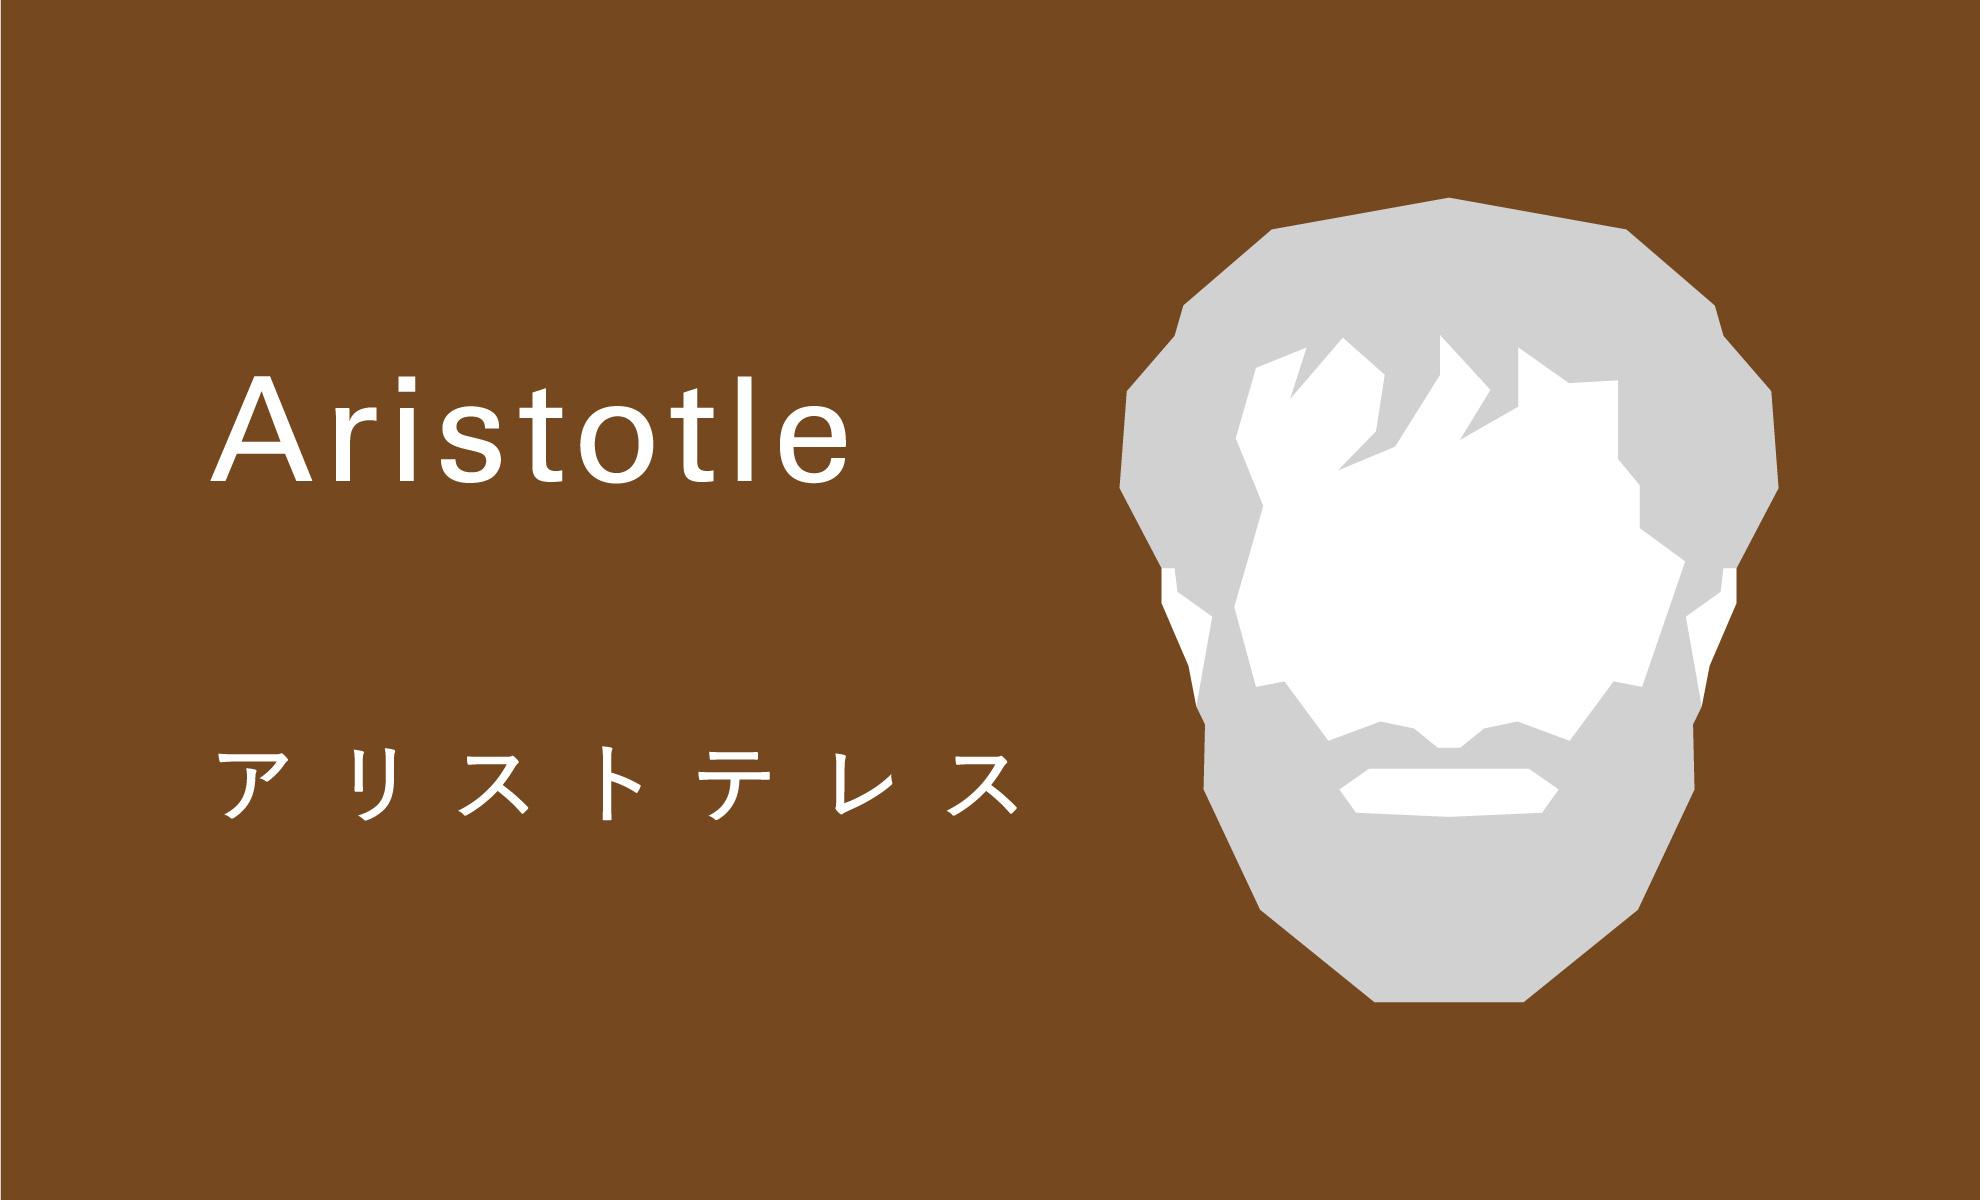 アリストテレス 画像